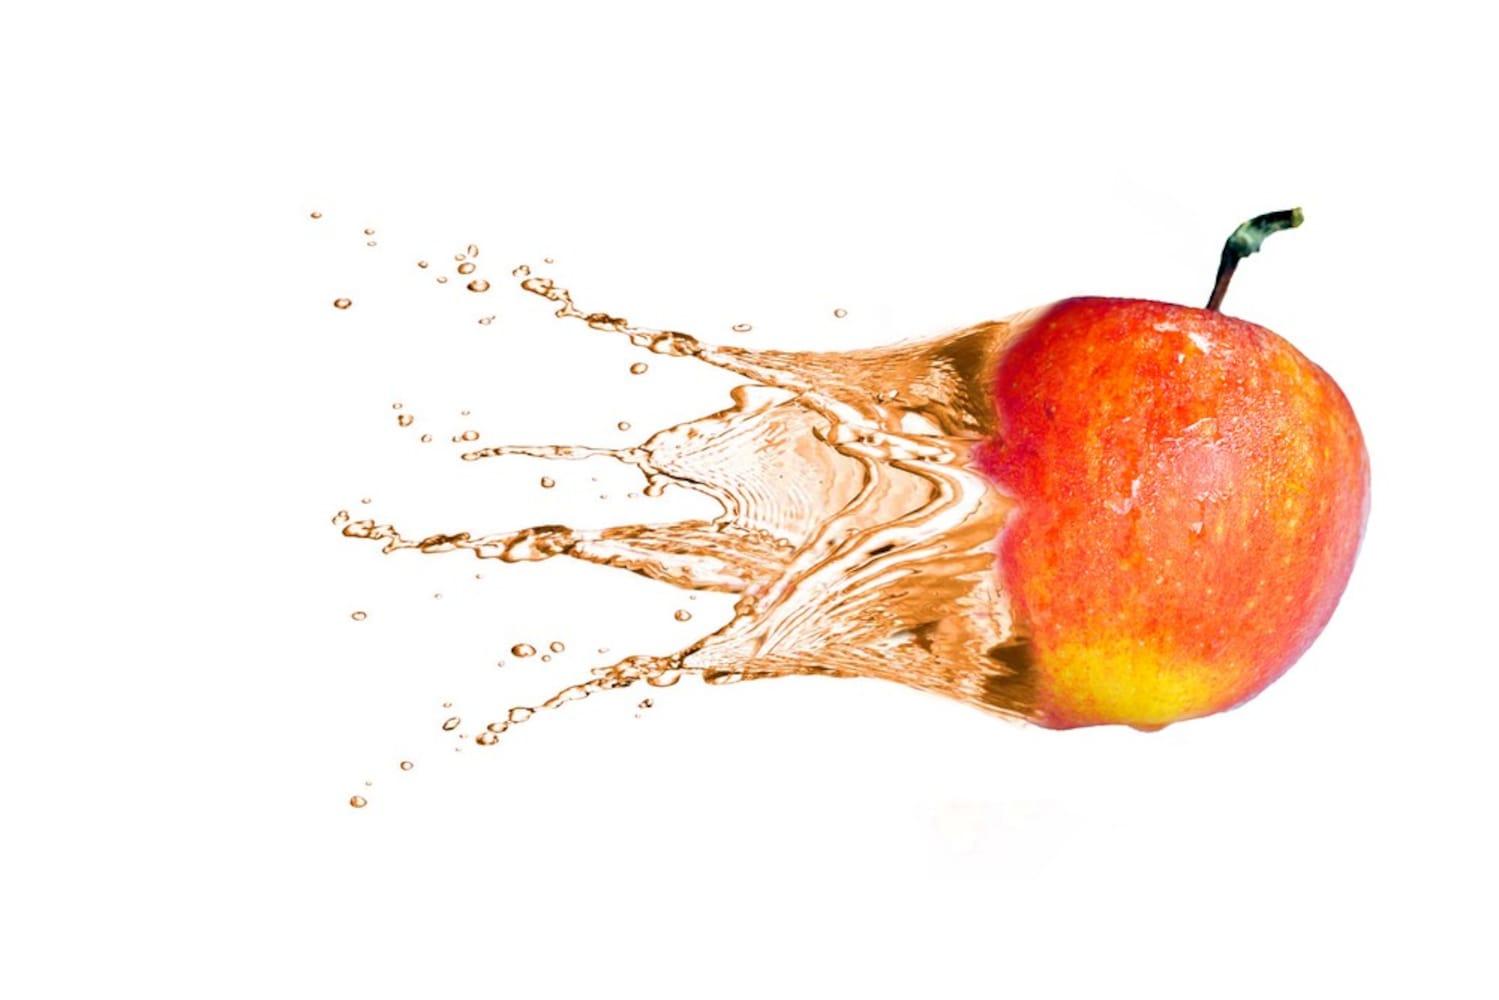 ストレート果汁|収穫後の果実をそのまま絞ったジュース